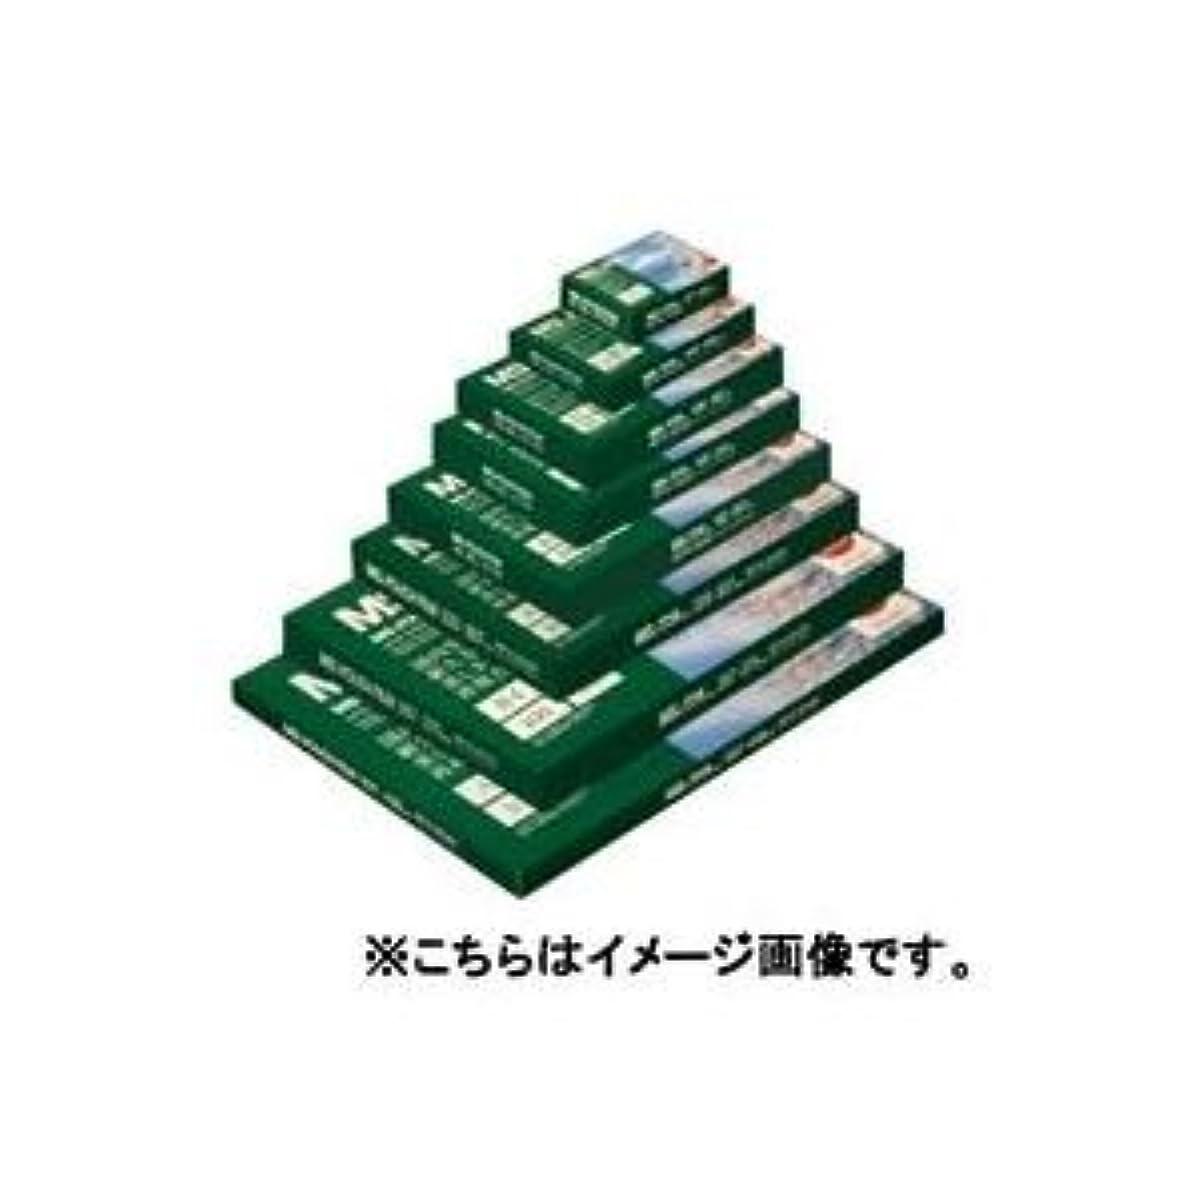 恒久的乳製品流行(業務用30セット) 明光商会 パウチフィルム/オフィス文具用品 MP10-6595 定期 100枚 ds-1736706